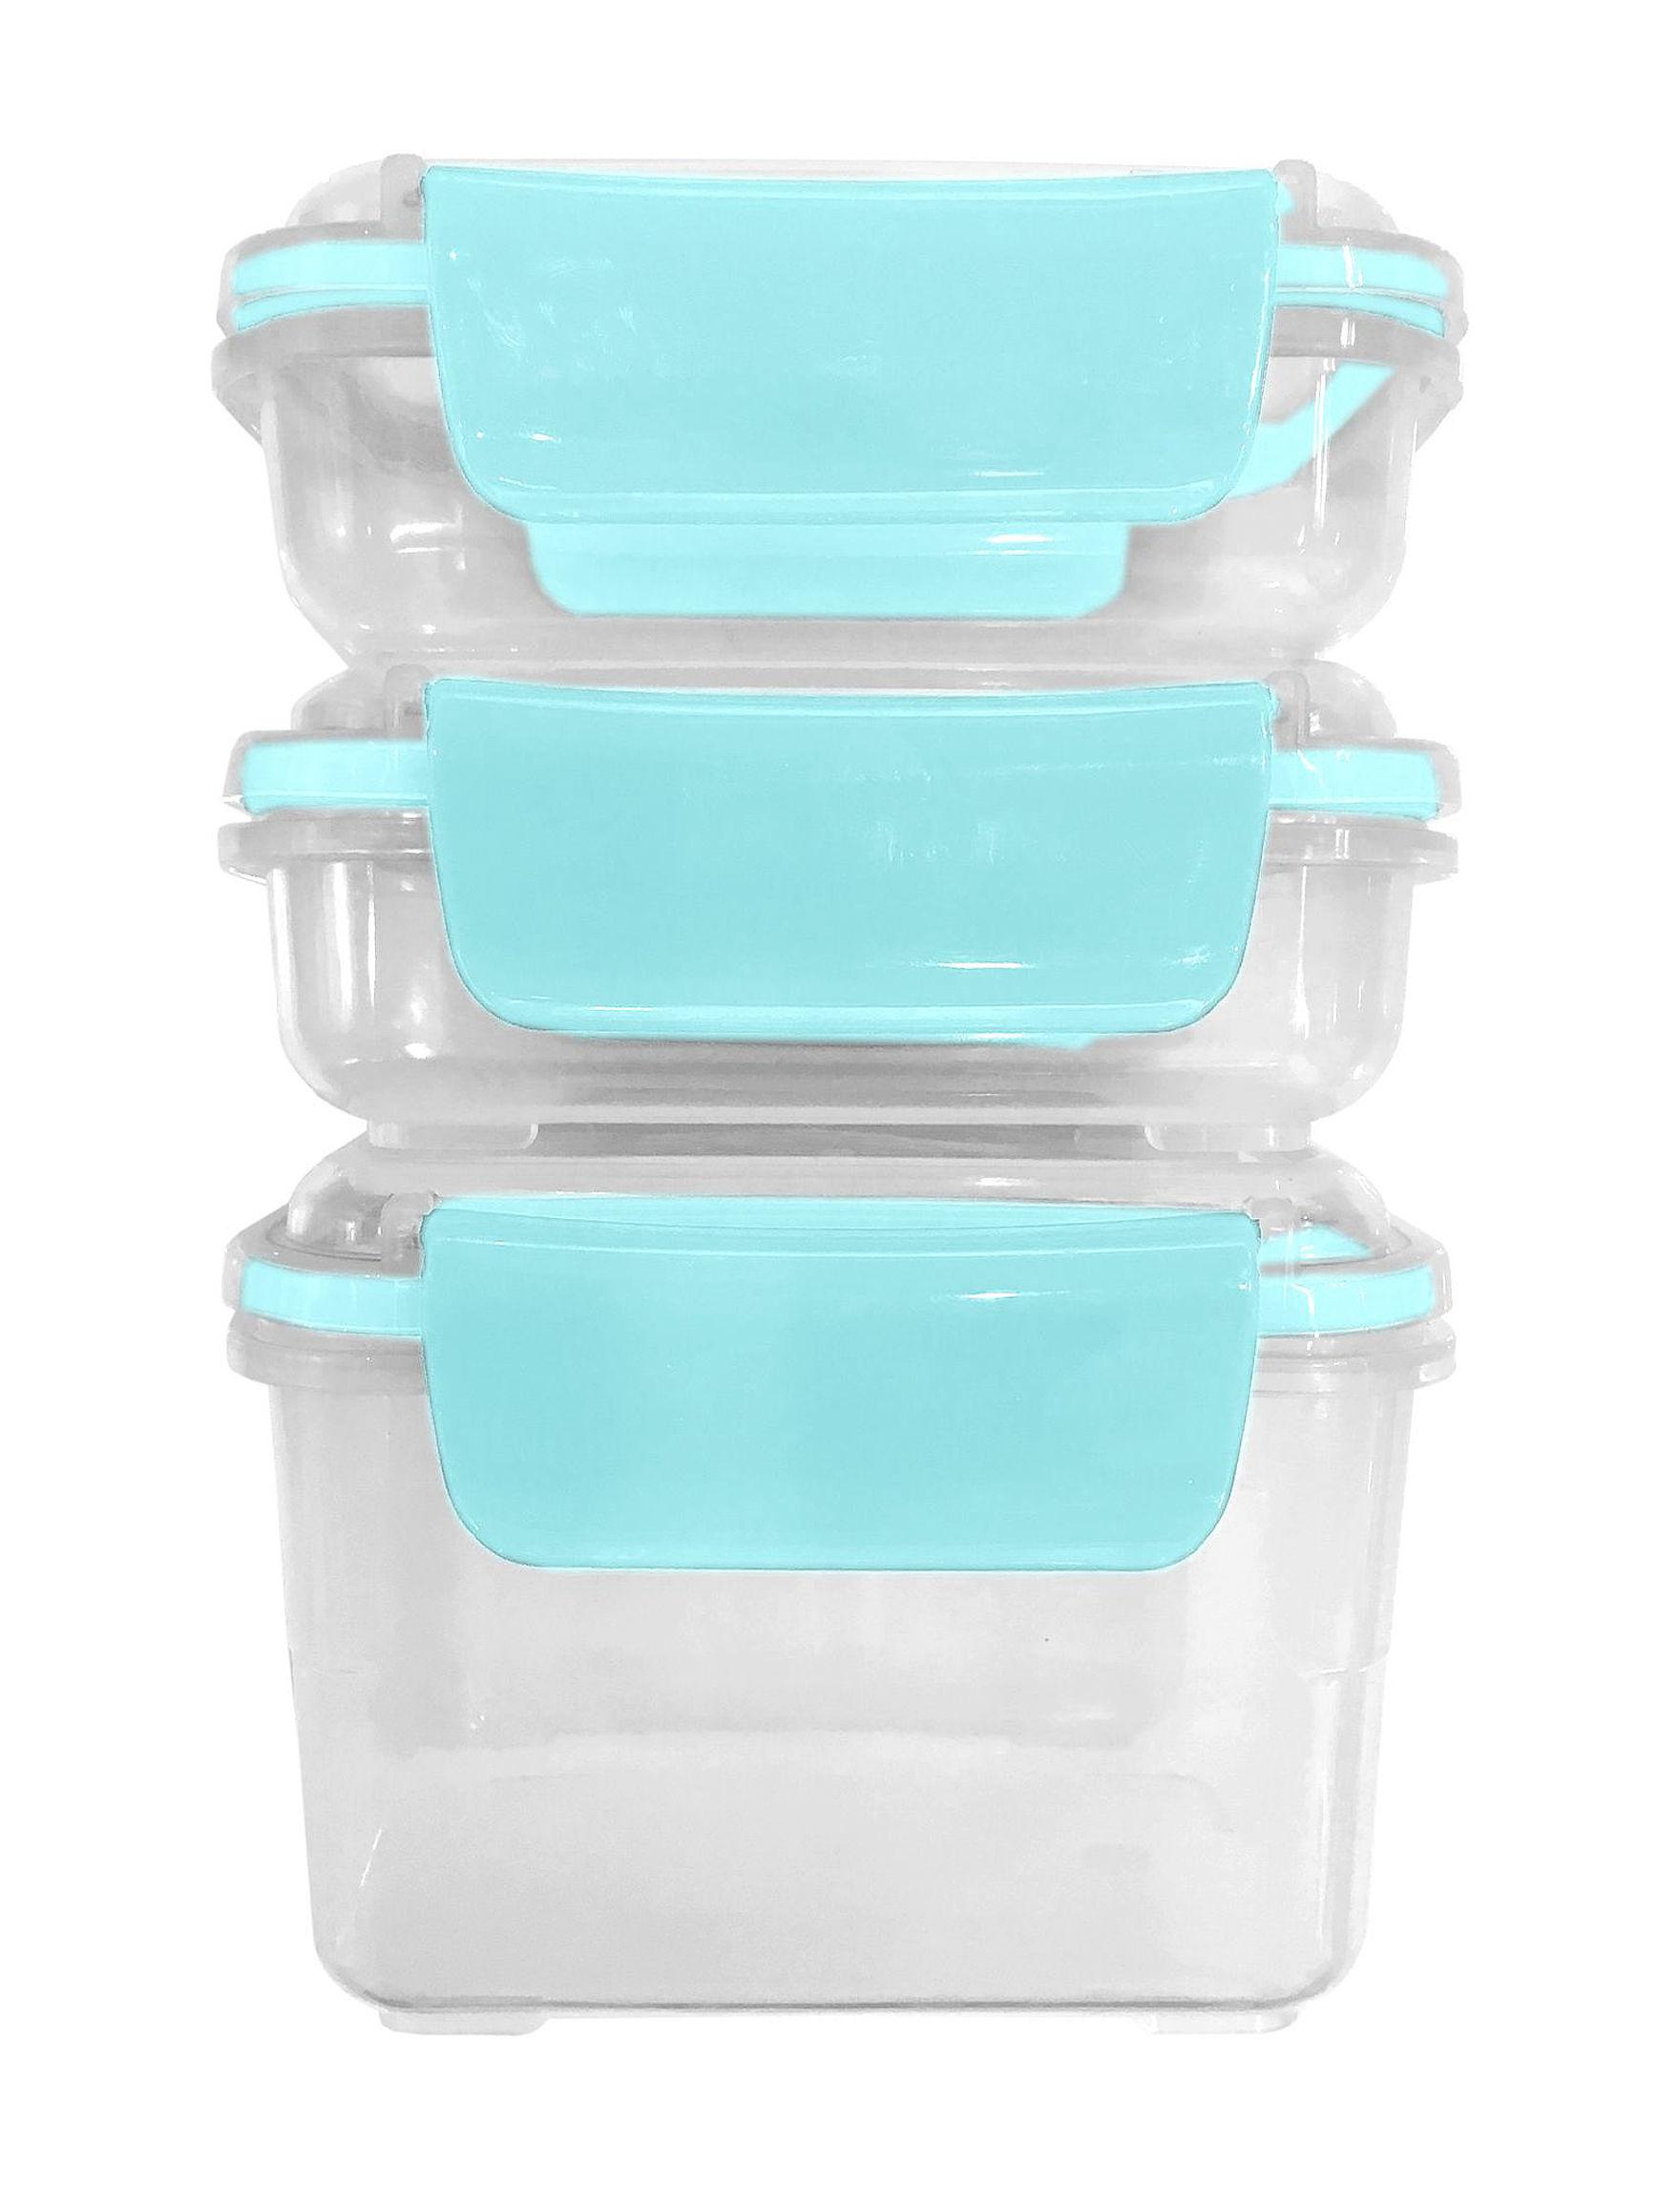 Edge Teal Food Storage Kitchen Storage & Organization